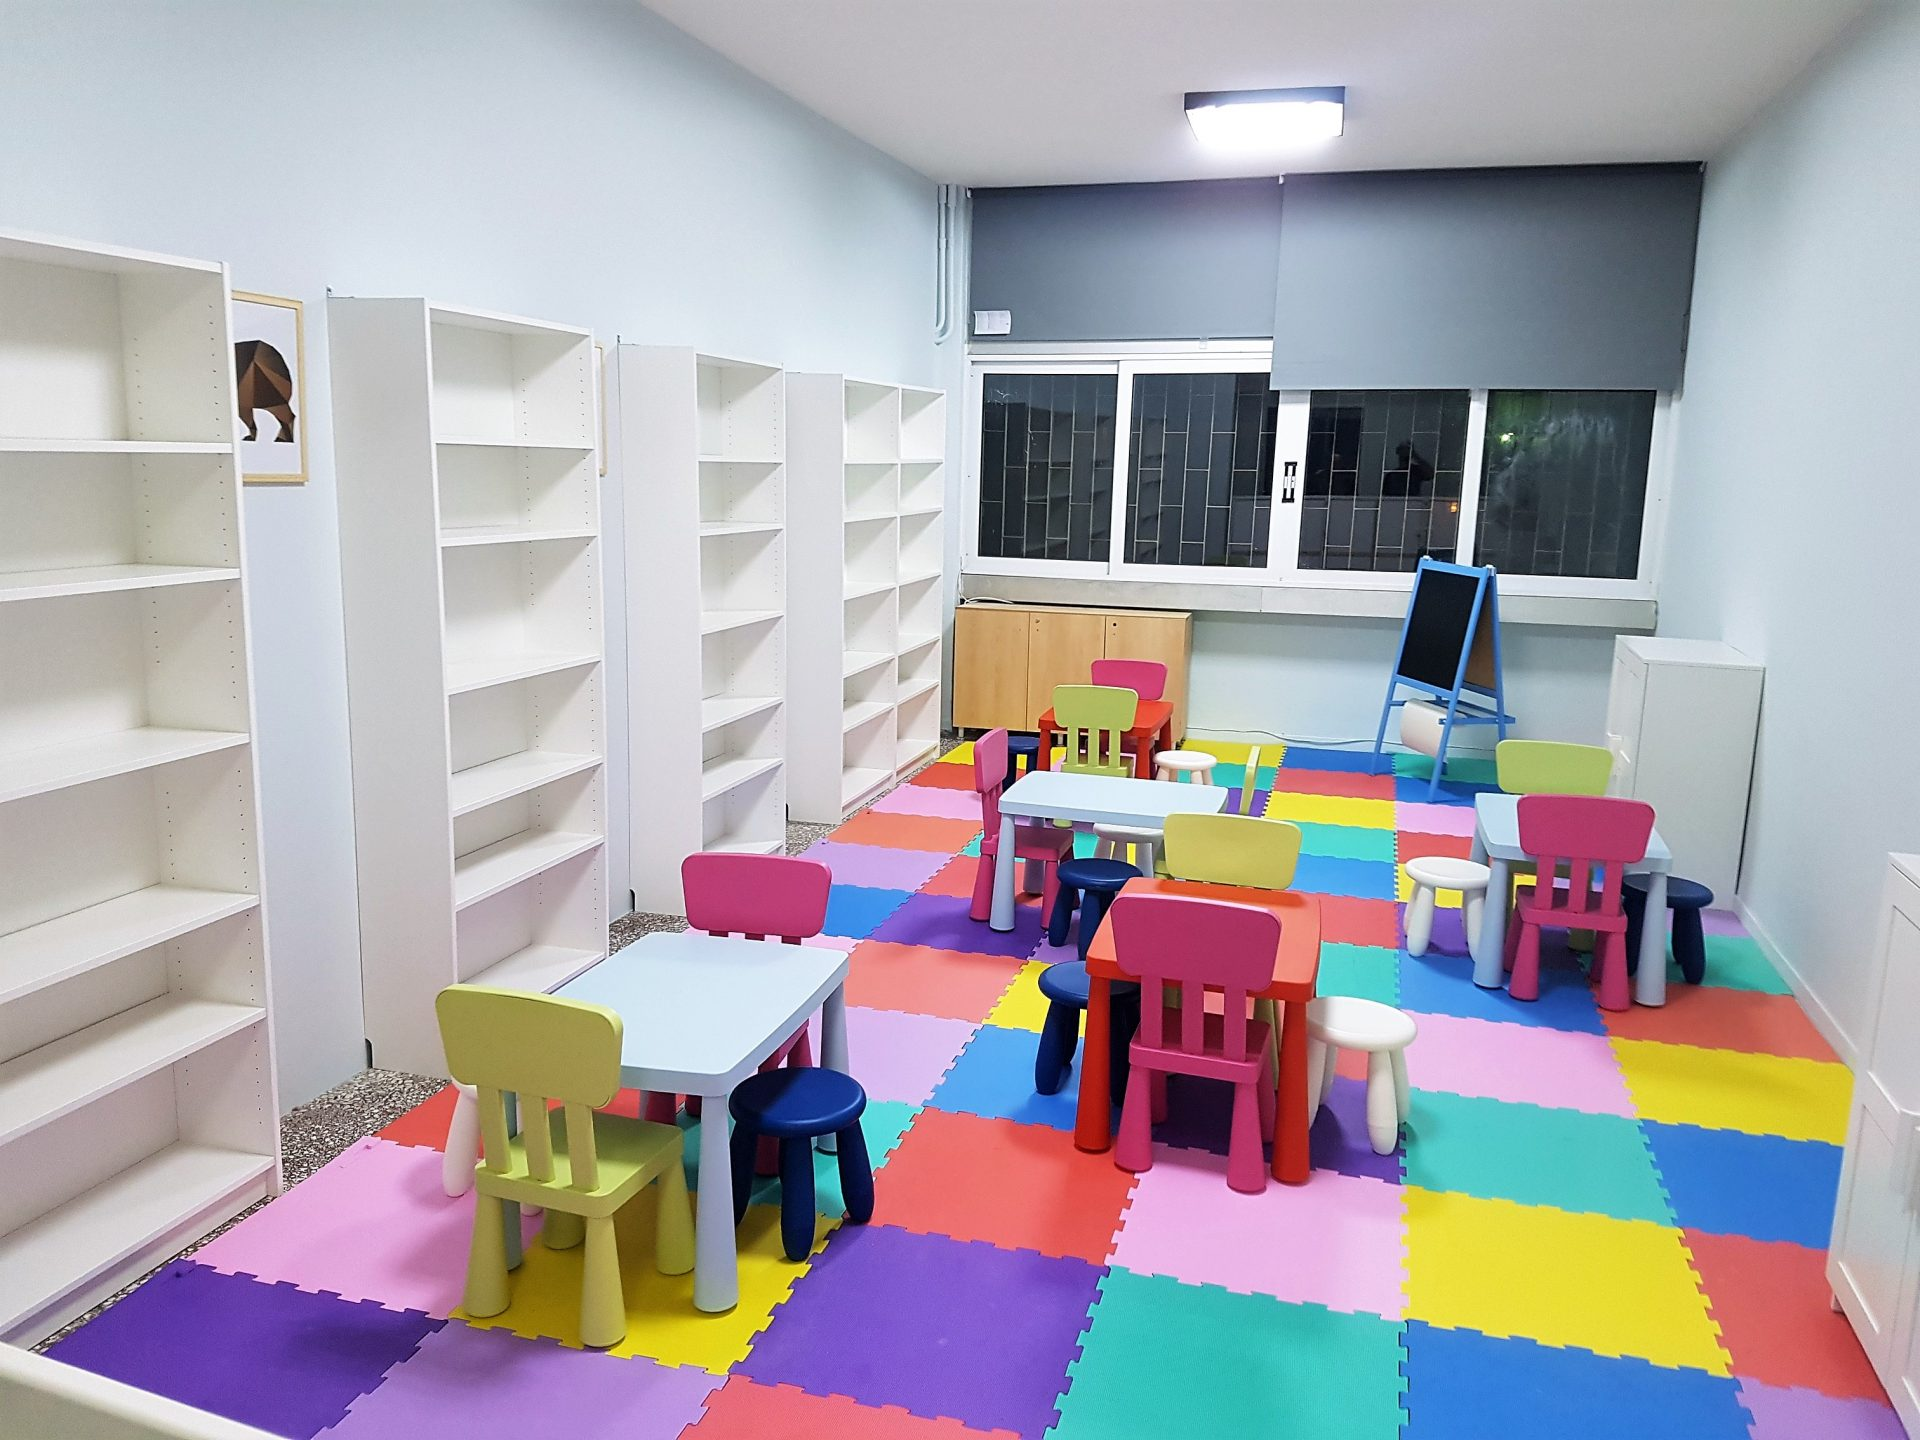 Νέα Βιβλιοθήκη για τα παιδιά του 2ου Δημοτικού Σχολείου Μάνδρας